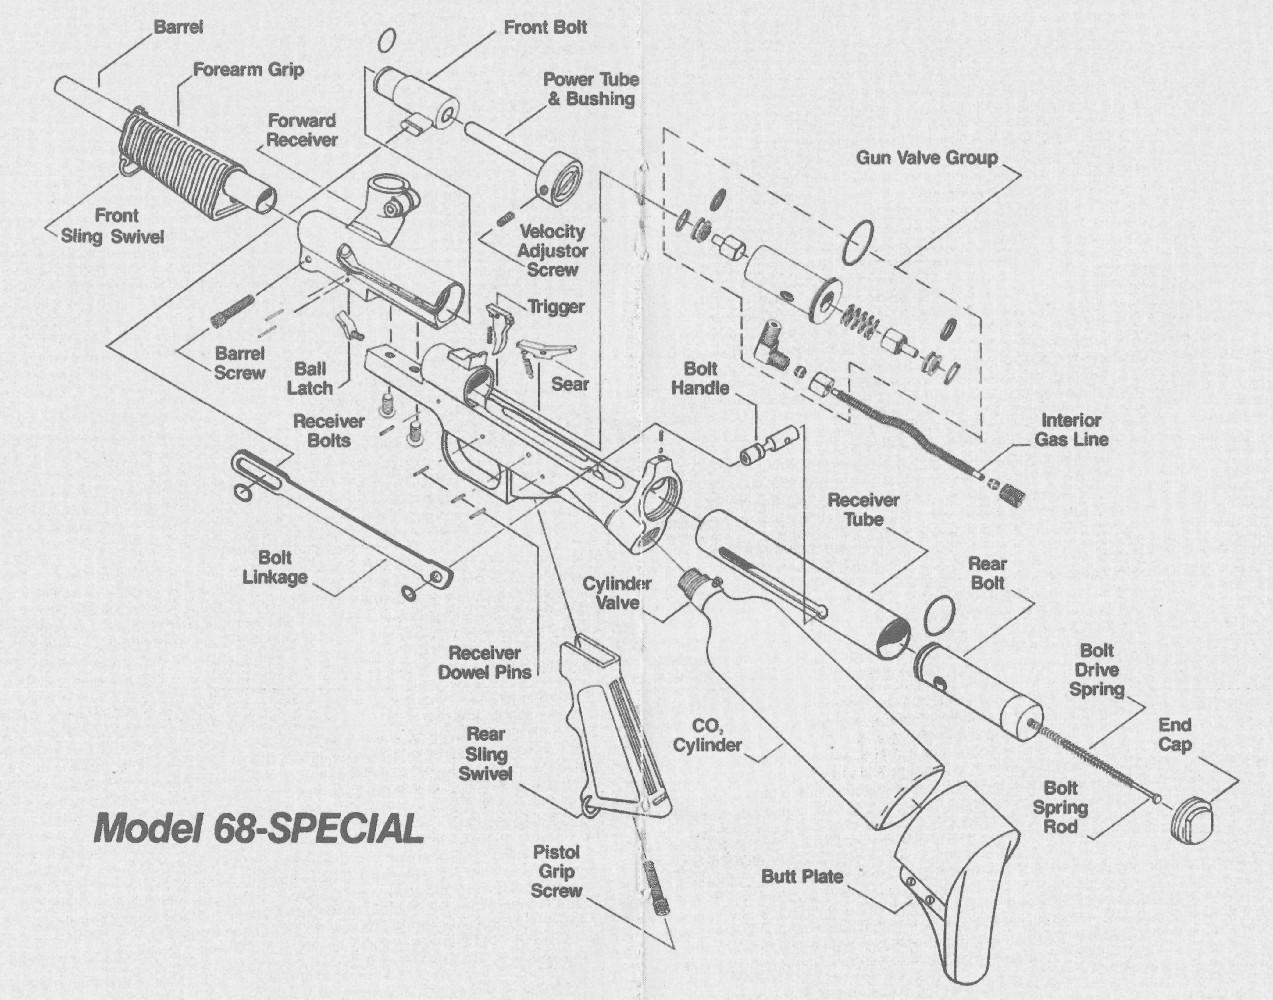 The 68-Special from Tippmann Pneumatics Inc